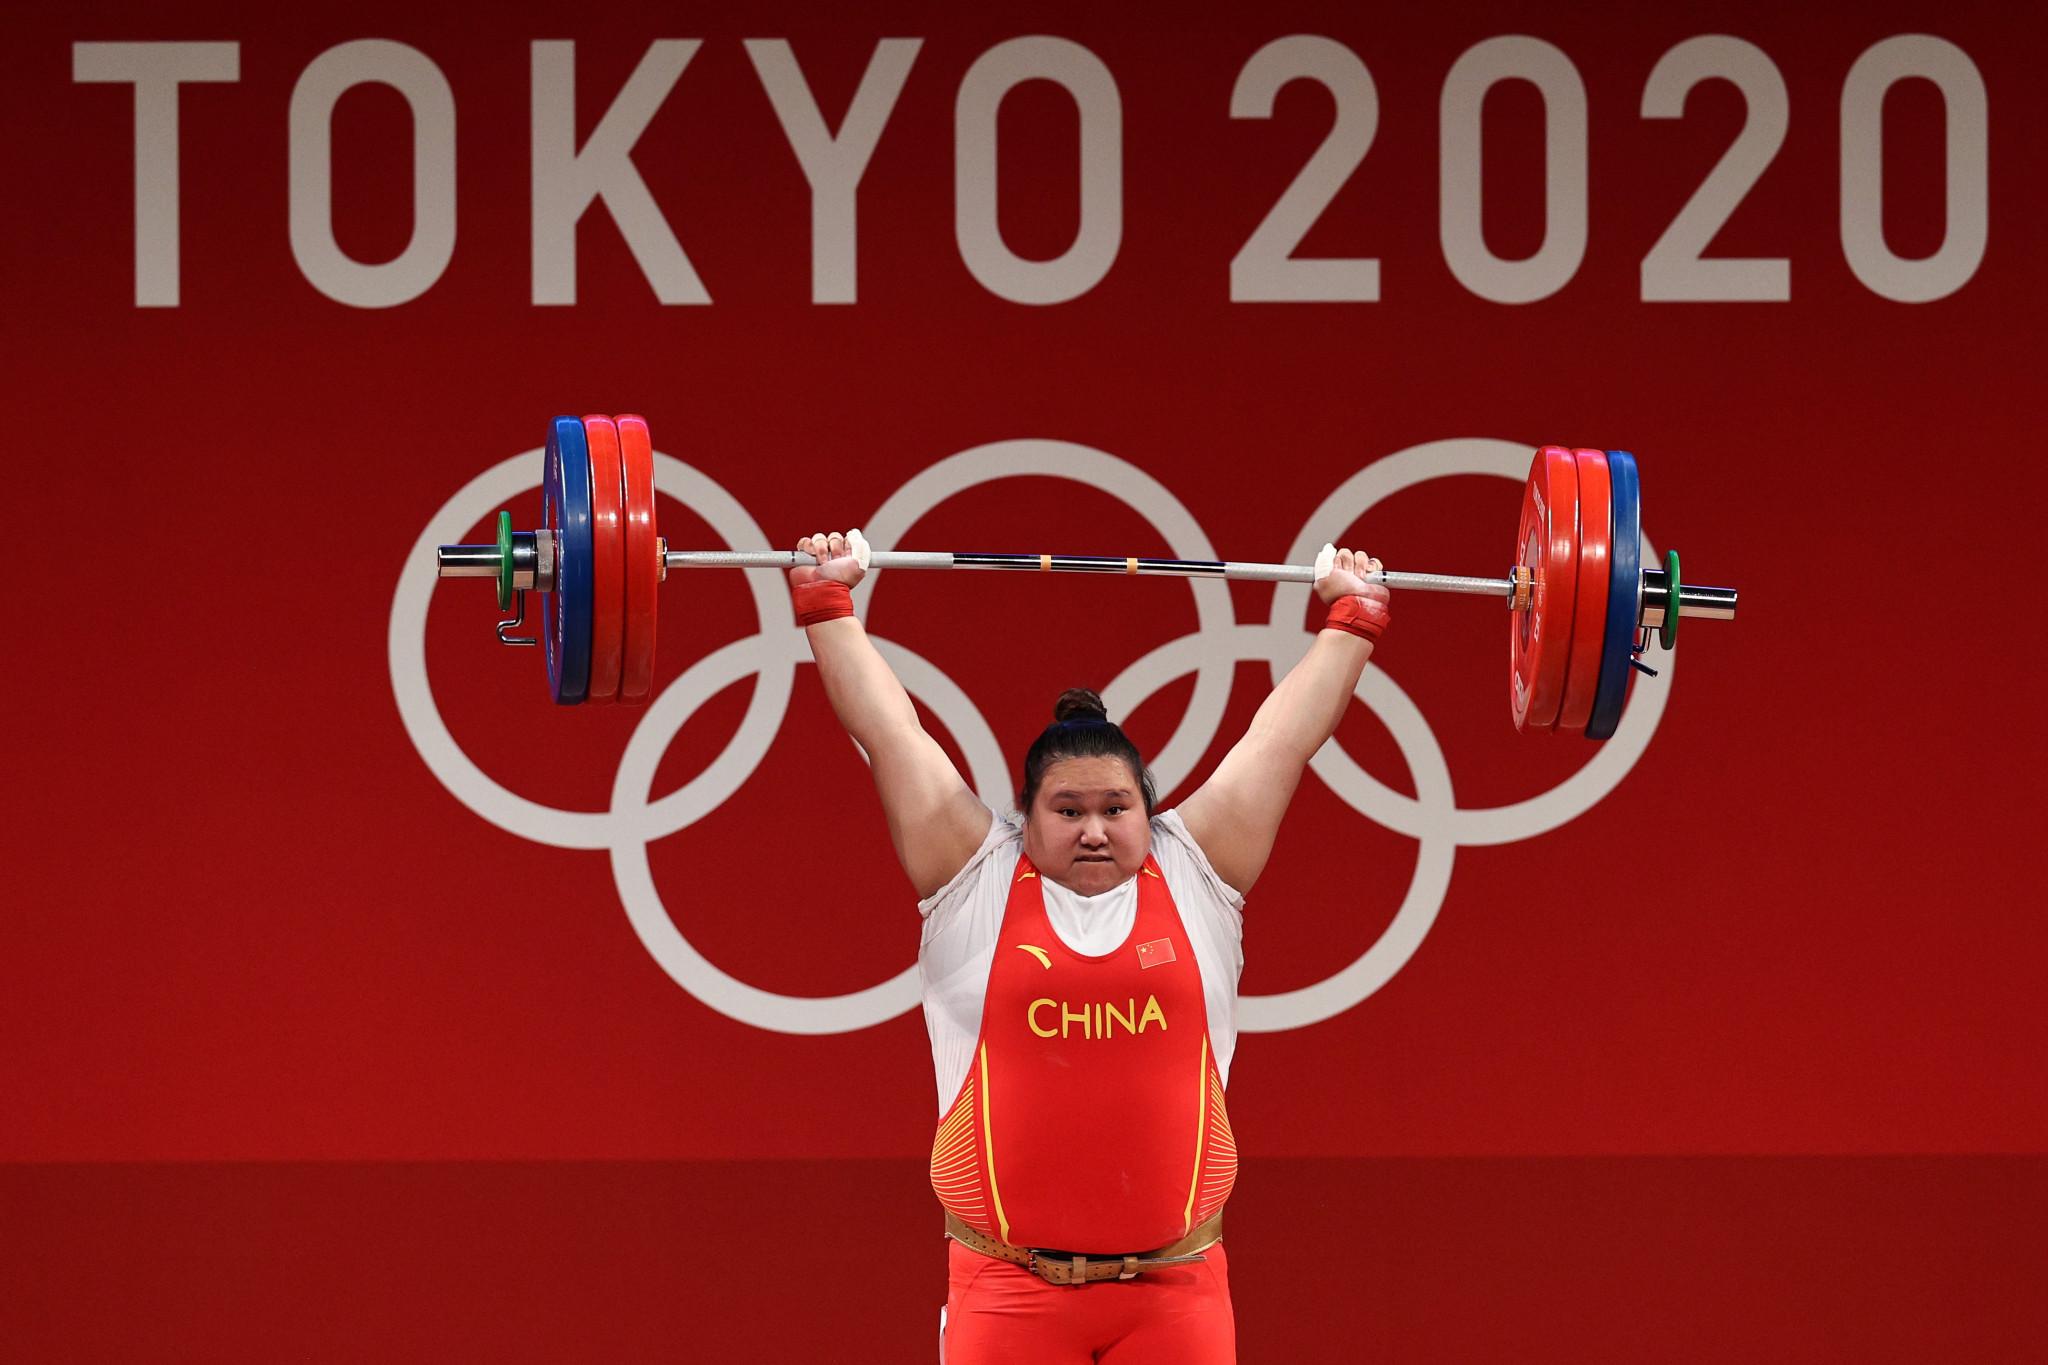 Ο Li Wenwen ήταν ένας από τους Κινέζους χρυσούς μετάλλους στην άρση βαρών στο Τόκιο 2020 © Getty Images